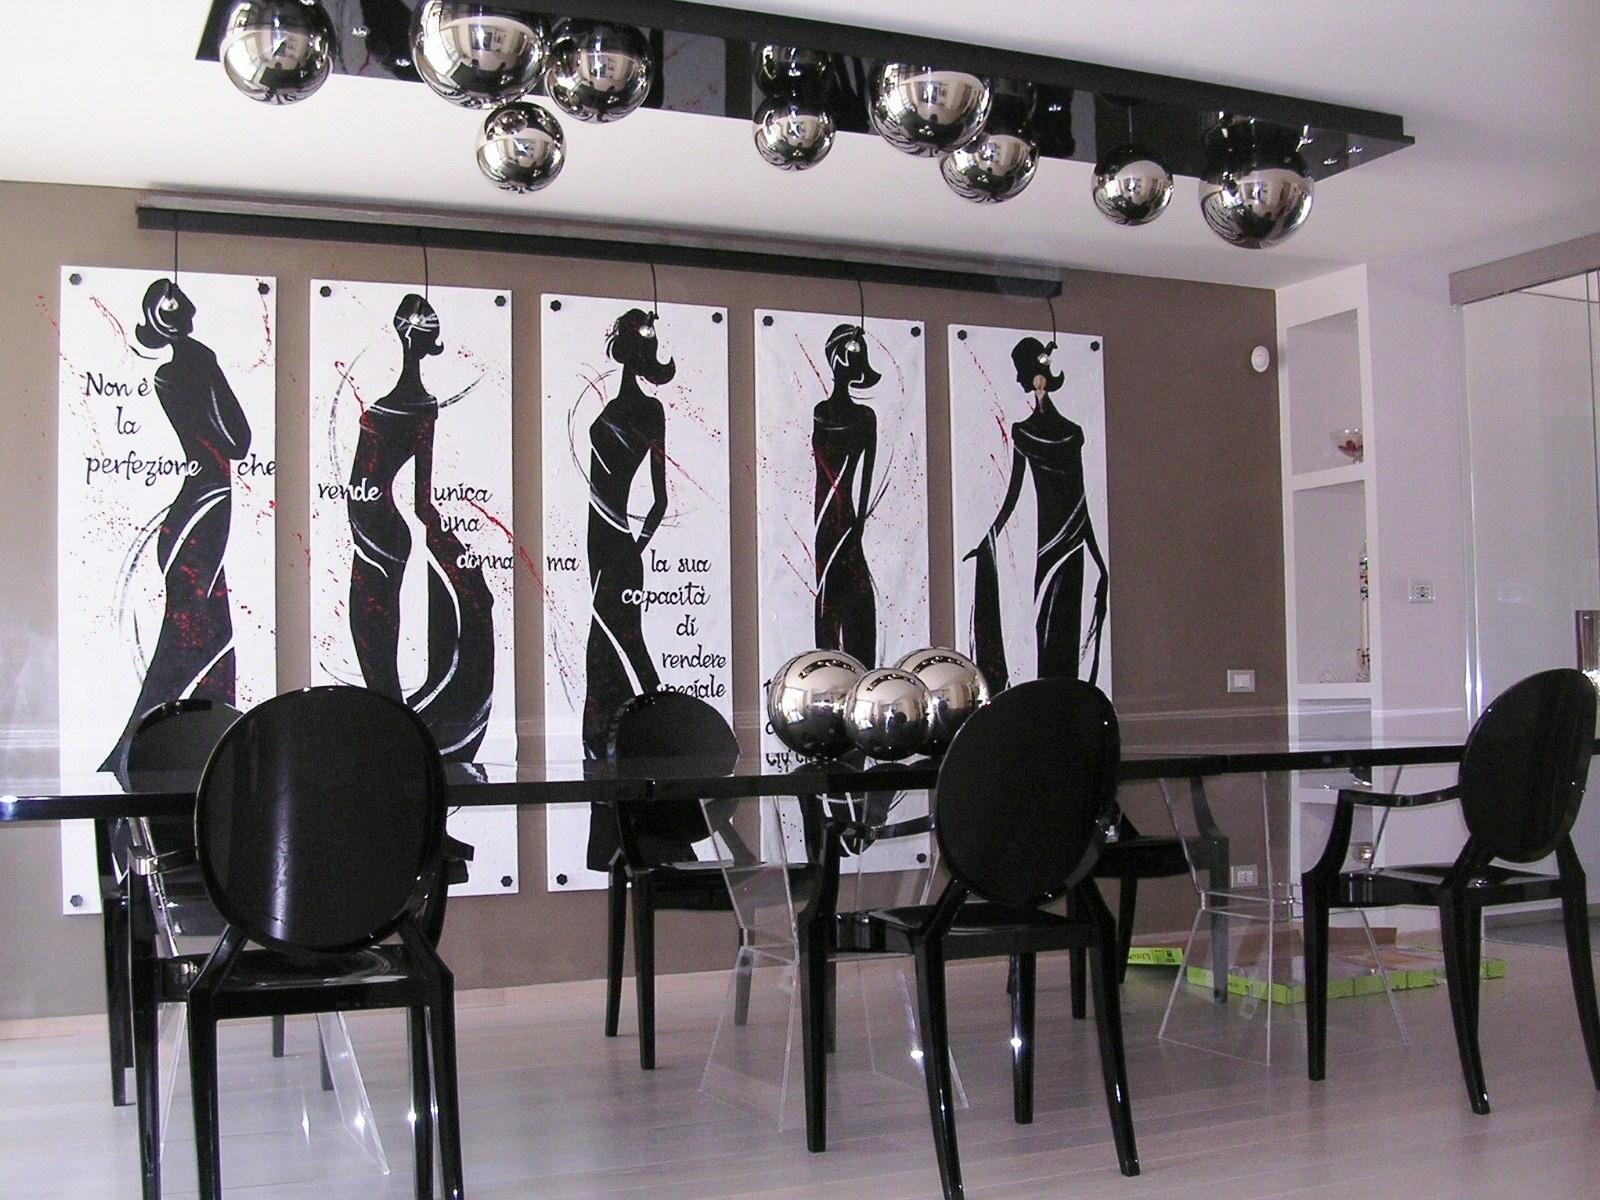 Pannelli decorativi per cucine: mattoni rivestimento pannelli ...